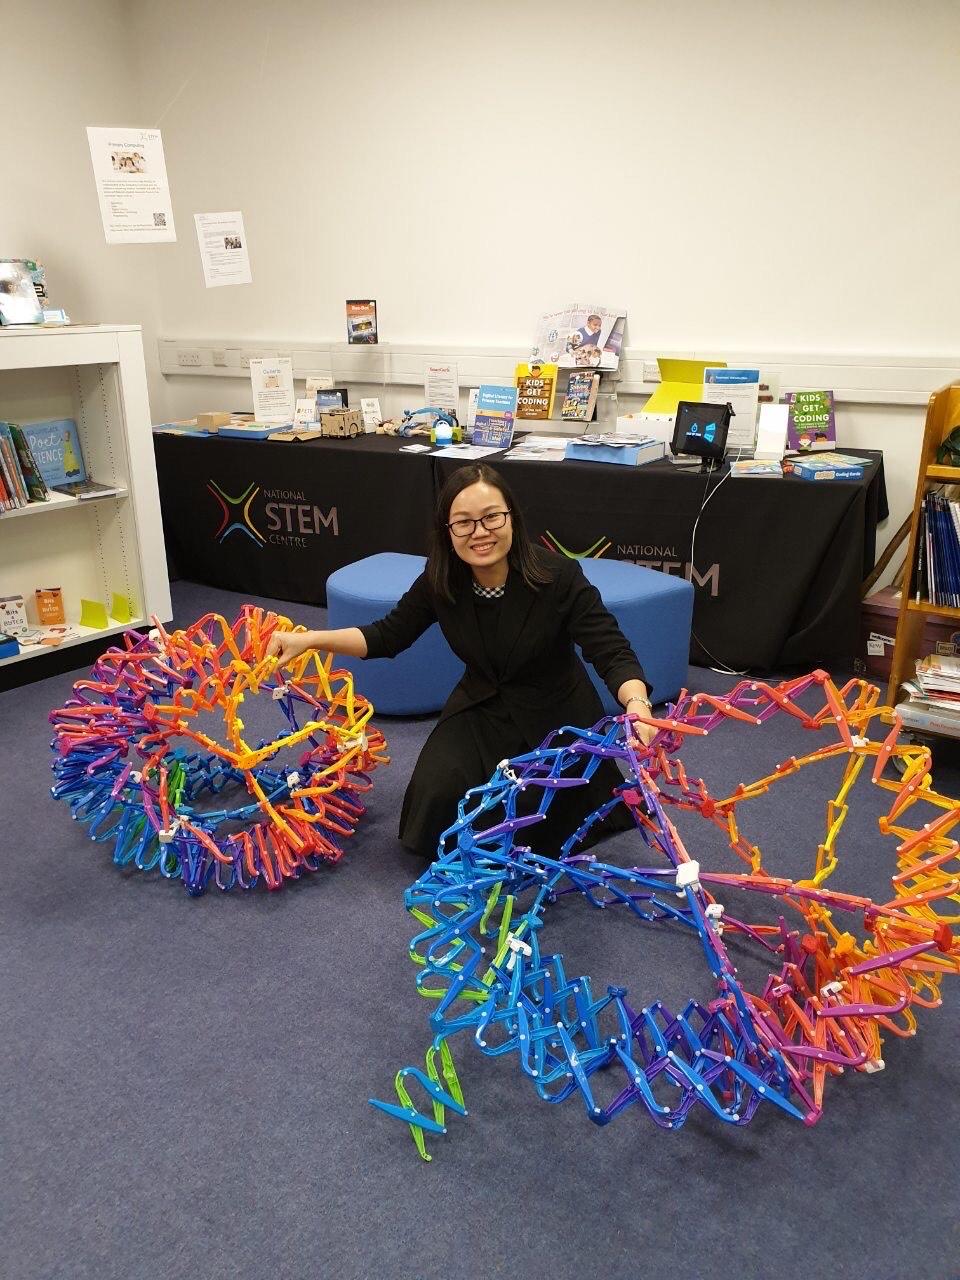 Chị Nguyễn Thị Thu Trang từng tham quan Trung tâm STEM quốc gia (National STEM Learning Center), Anh. Ảnh: Nhân vật cung cấp